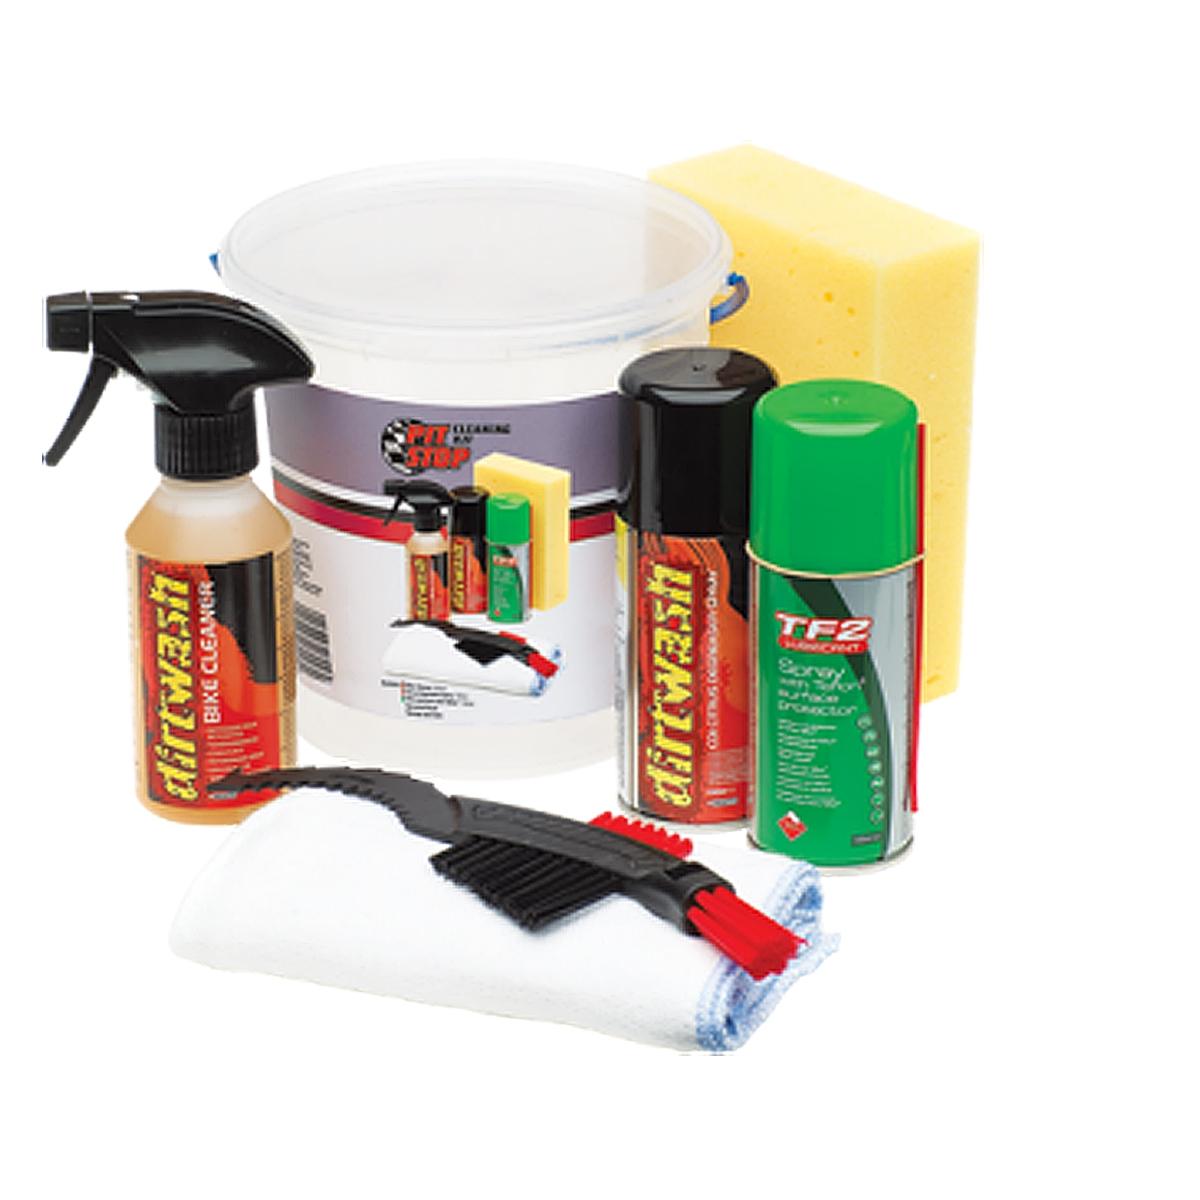 Kit Cleaning seau de nettoyage/ brosse / lubrifiant / dégraissant